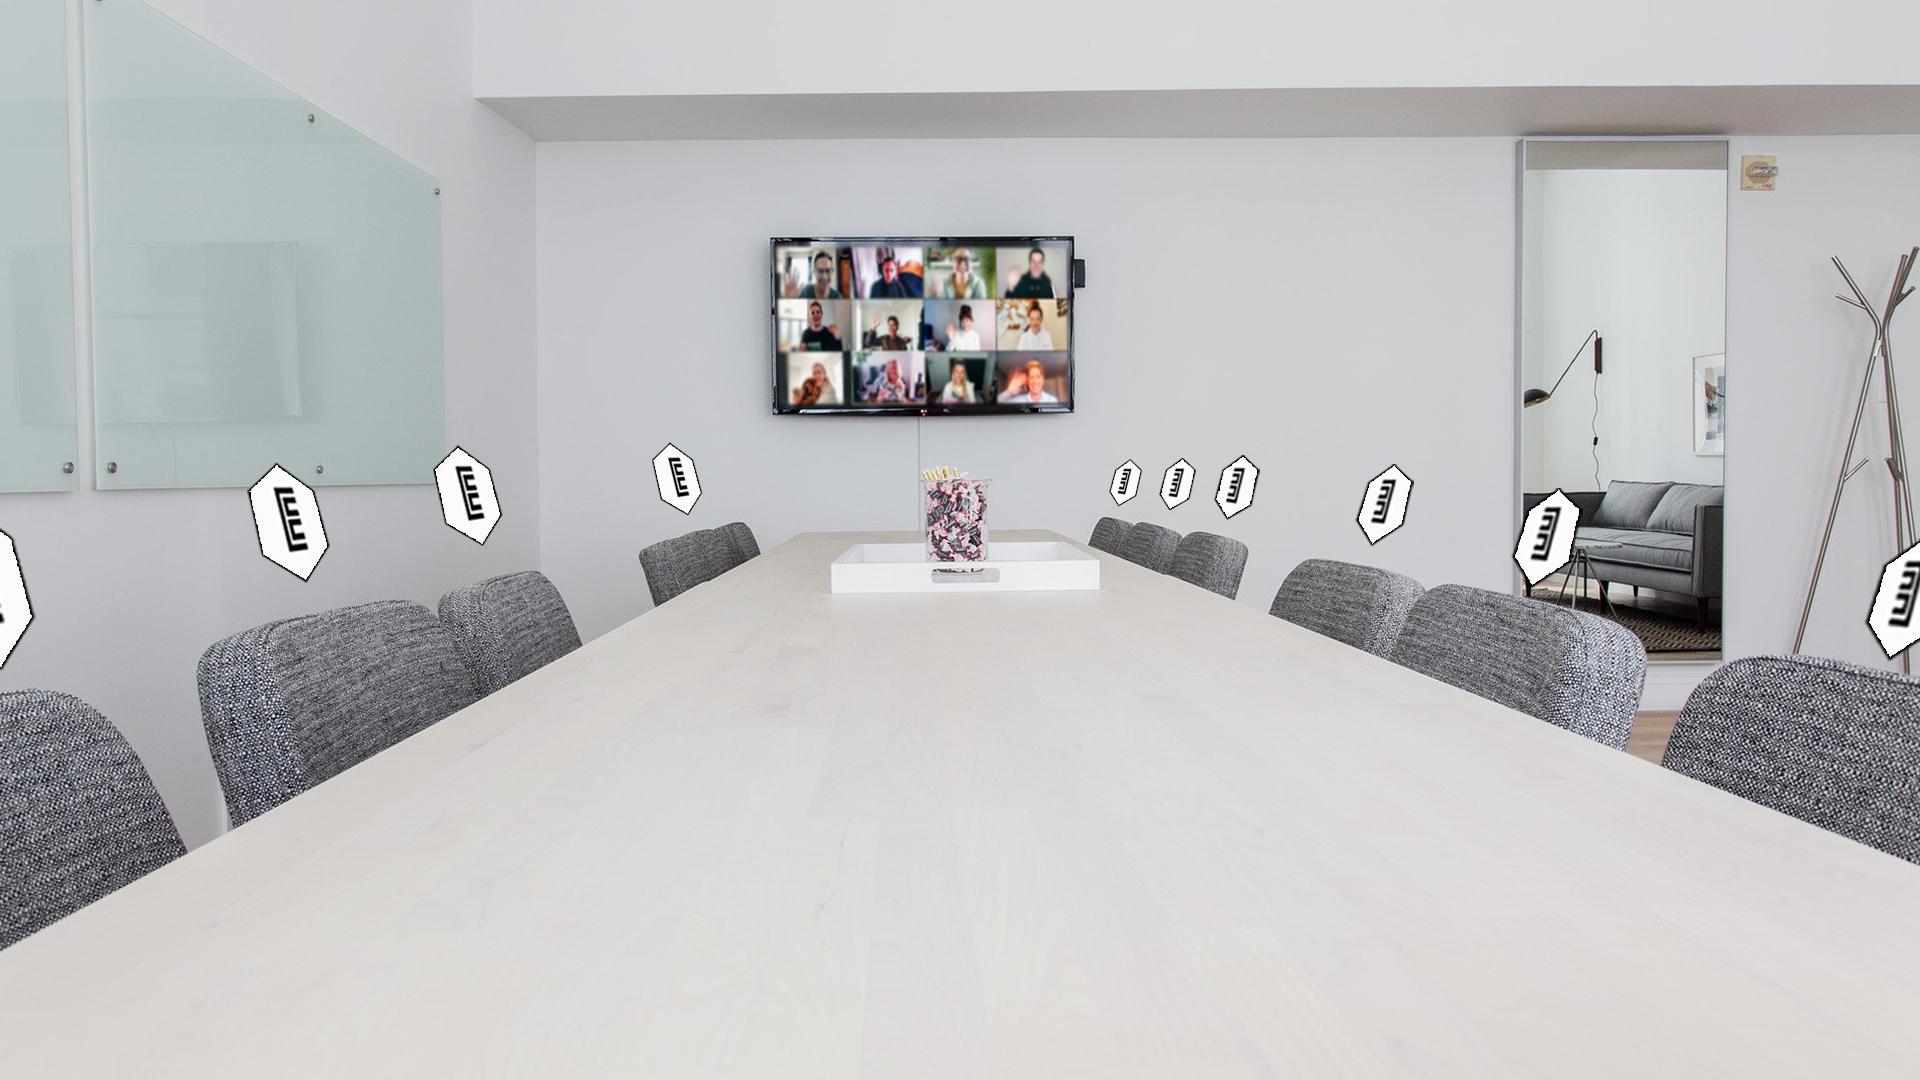 Multiplayer Meetings